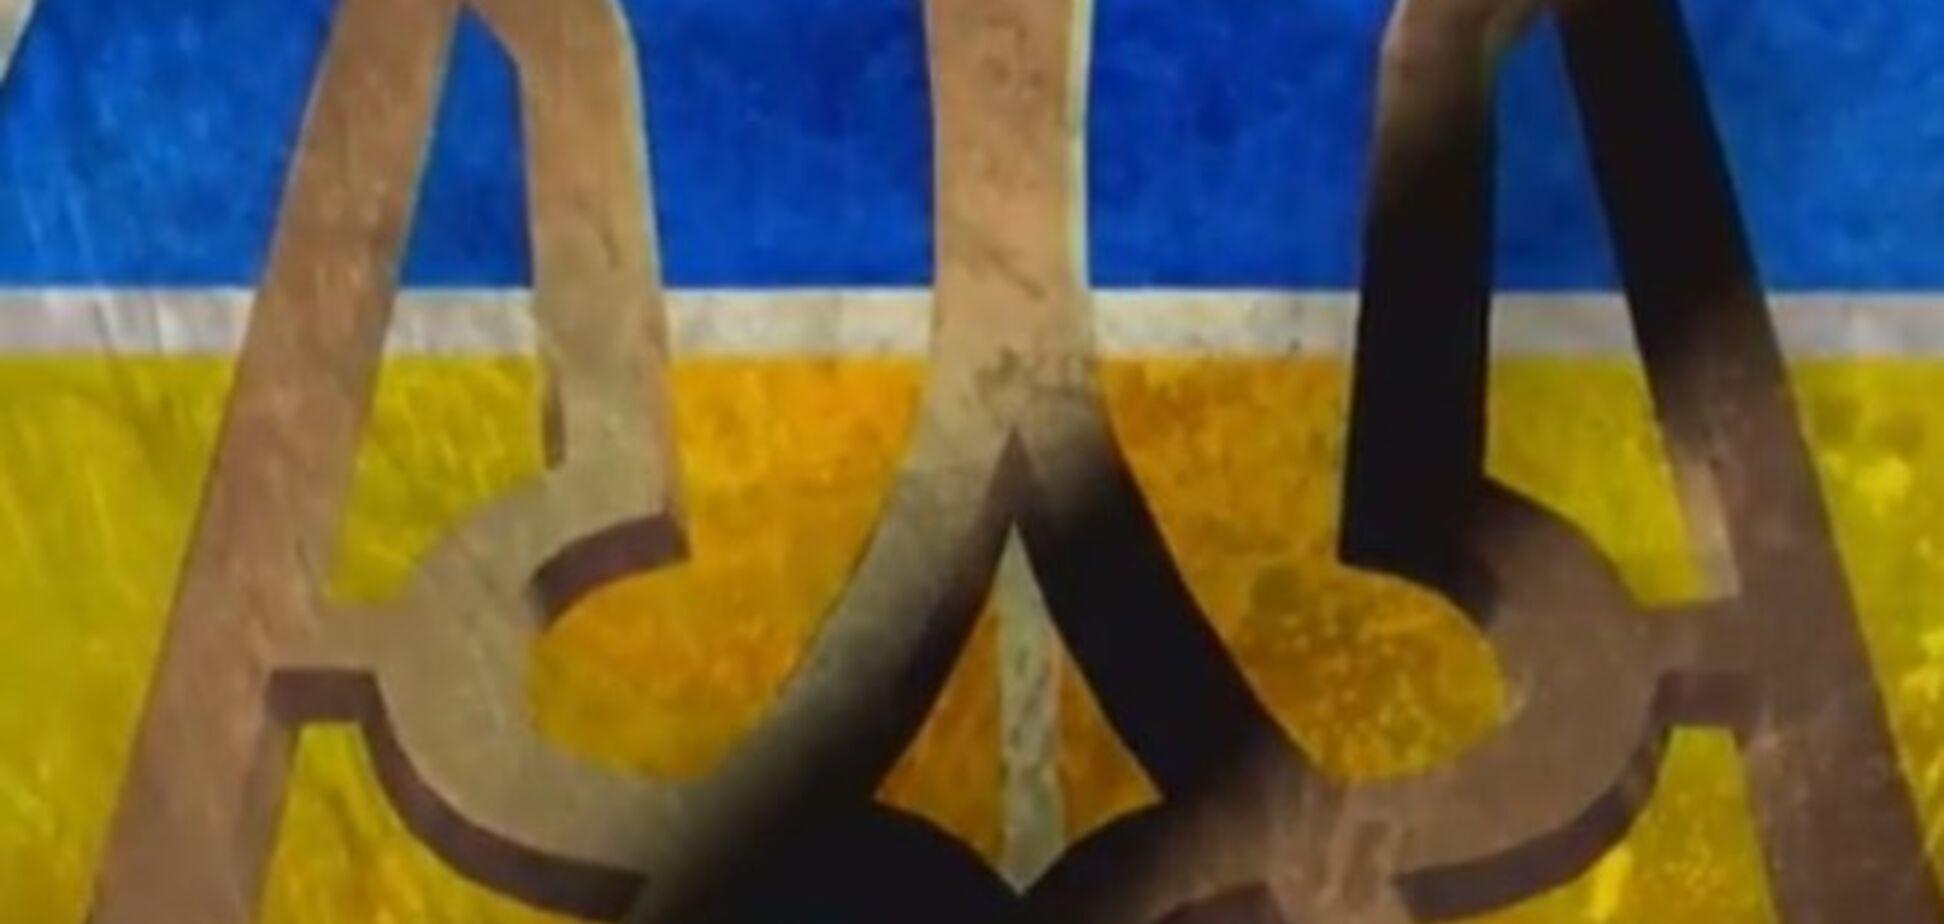 У мережі з'явилося патріотичне відео 'Воїни світла' про події в Україні